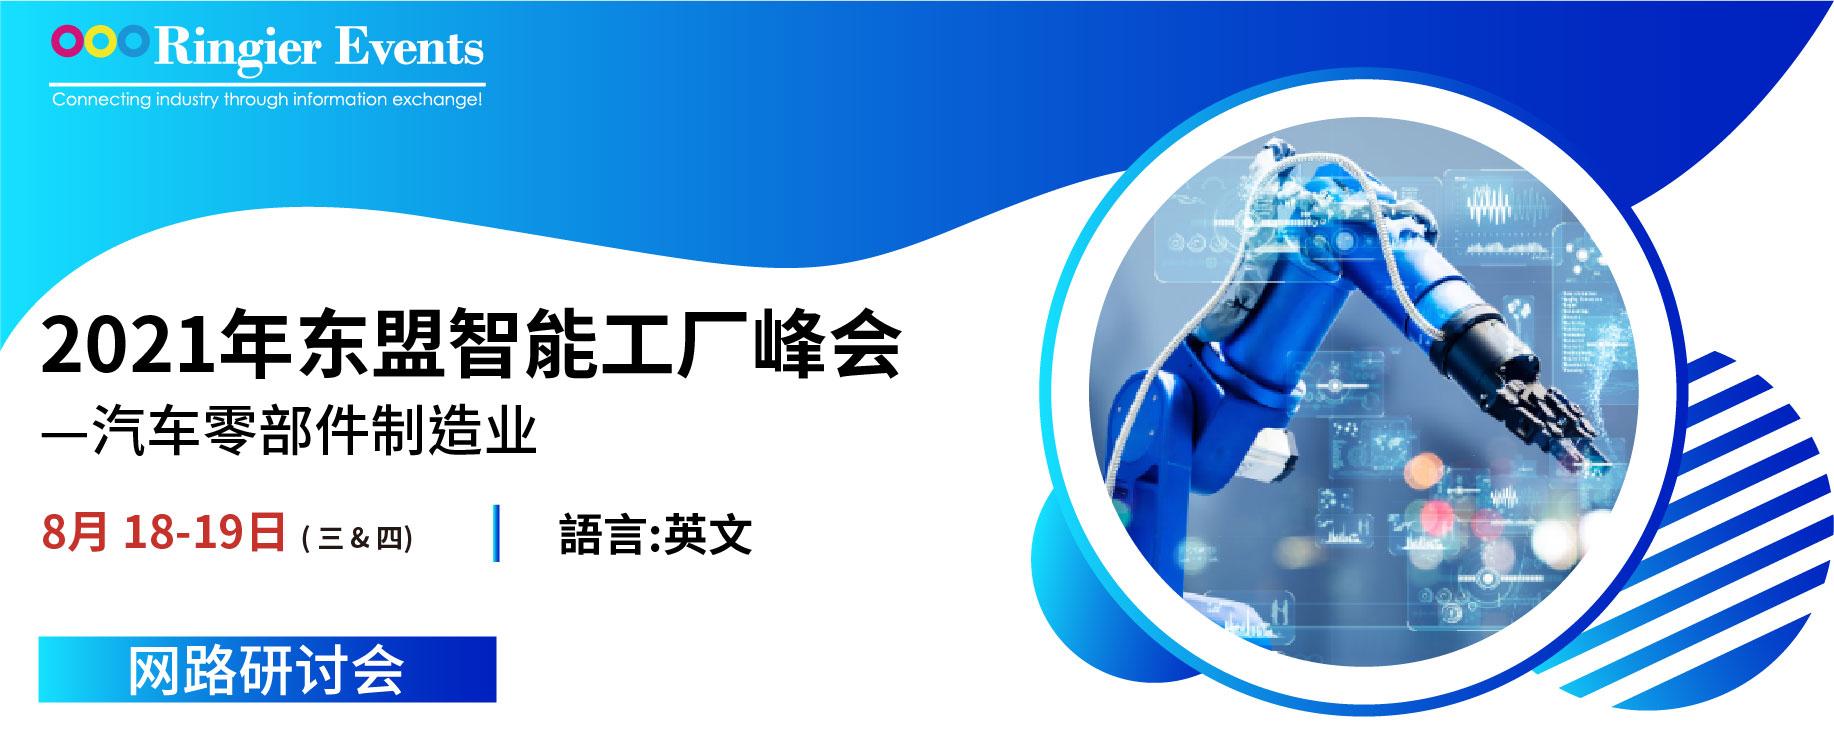 2021年东盟智能工厂峰会-汽车零部件制造业